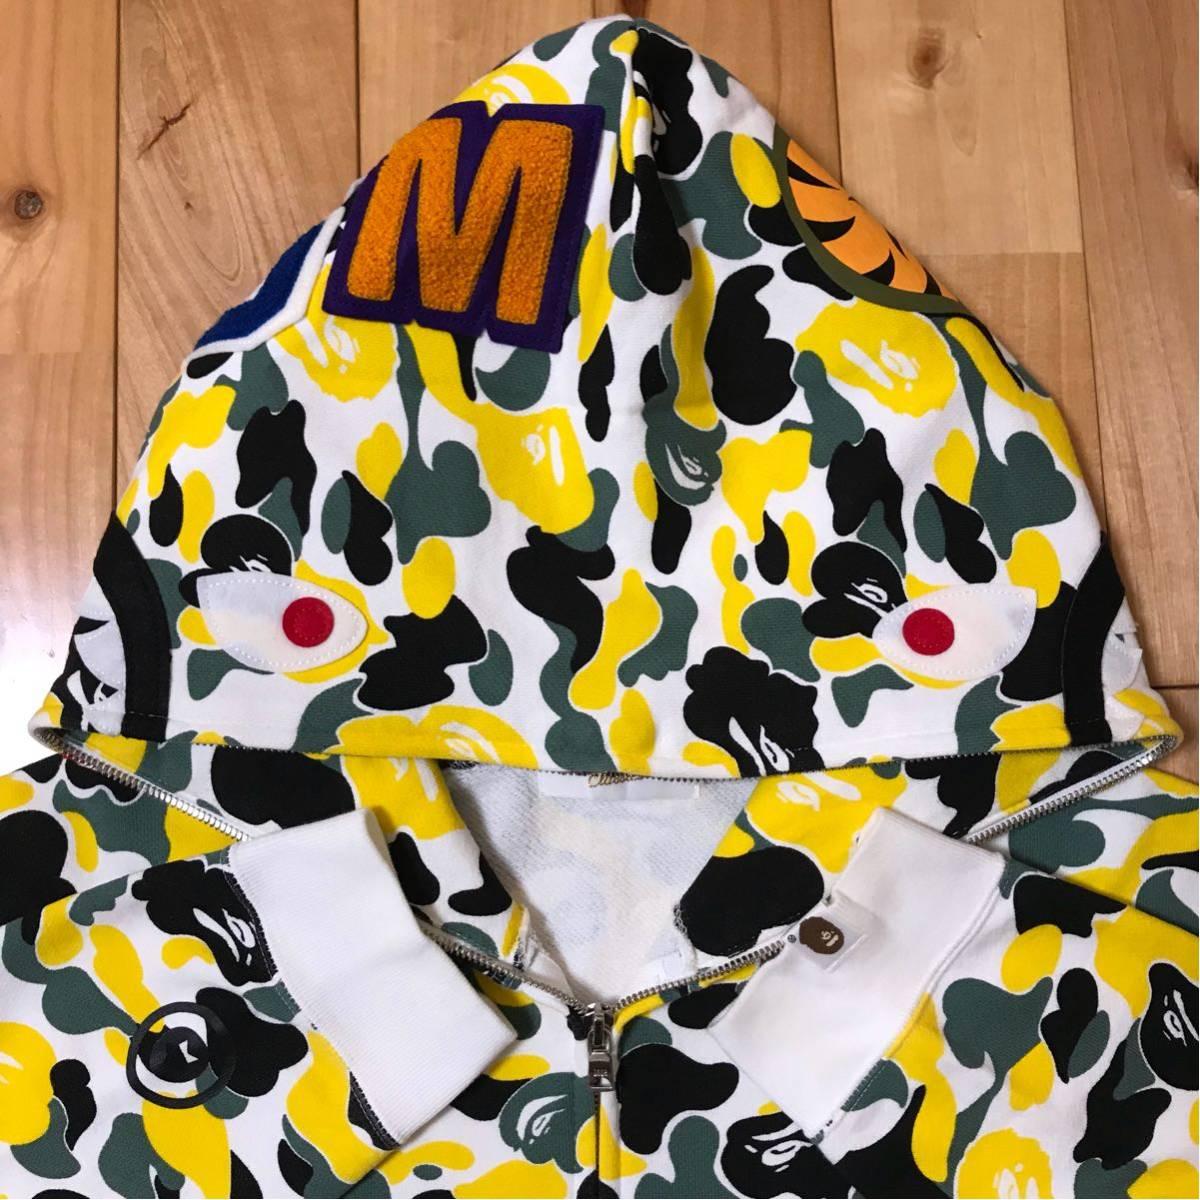 ★大阪限定★ osaka store limited color camo シャーク パーカー shark full zip hoodie a bathing ape BAPE city ベイプ 都市限定